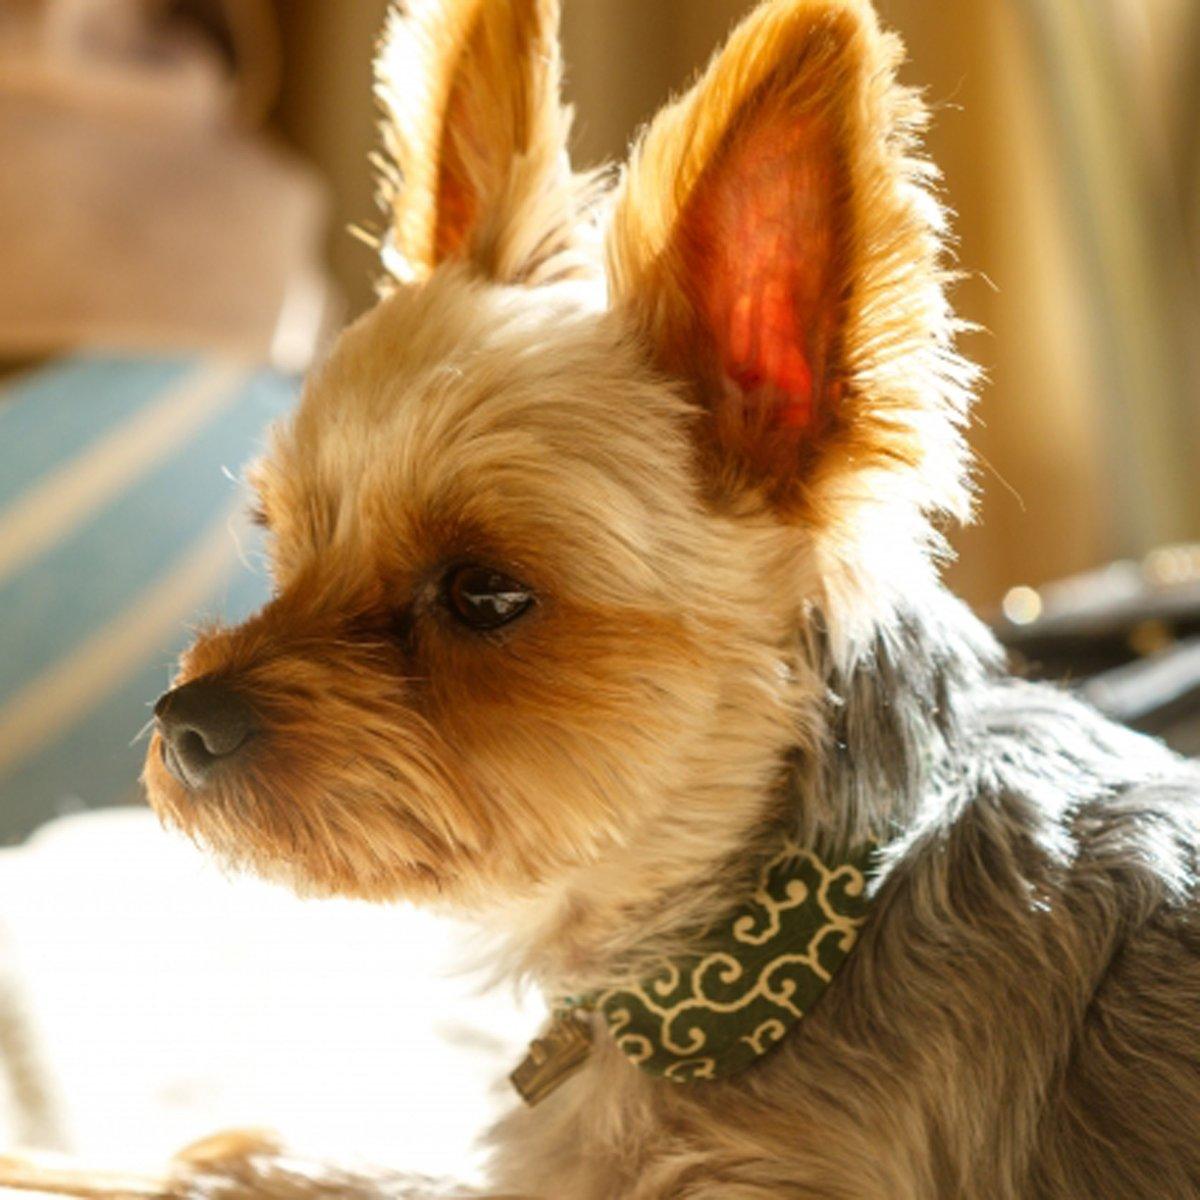 かわいいわんちゃん♪ #ハニーペット #HONEYPET #honeypet #犬 #ふわもこ部 #愛犬 #わんこ #いぬすたぐらむ #いぬ #ペット #犬のいる暮らし #ワンコ #イヌ #いぬのきもち #こいぬ #dog #dogsofinstagram #puppy #pet  #instagood #follow #followme https://t.co/VjeQhI8hrf